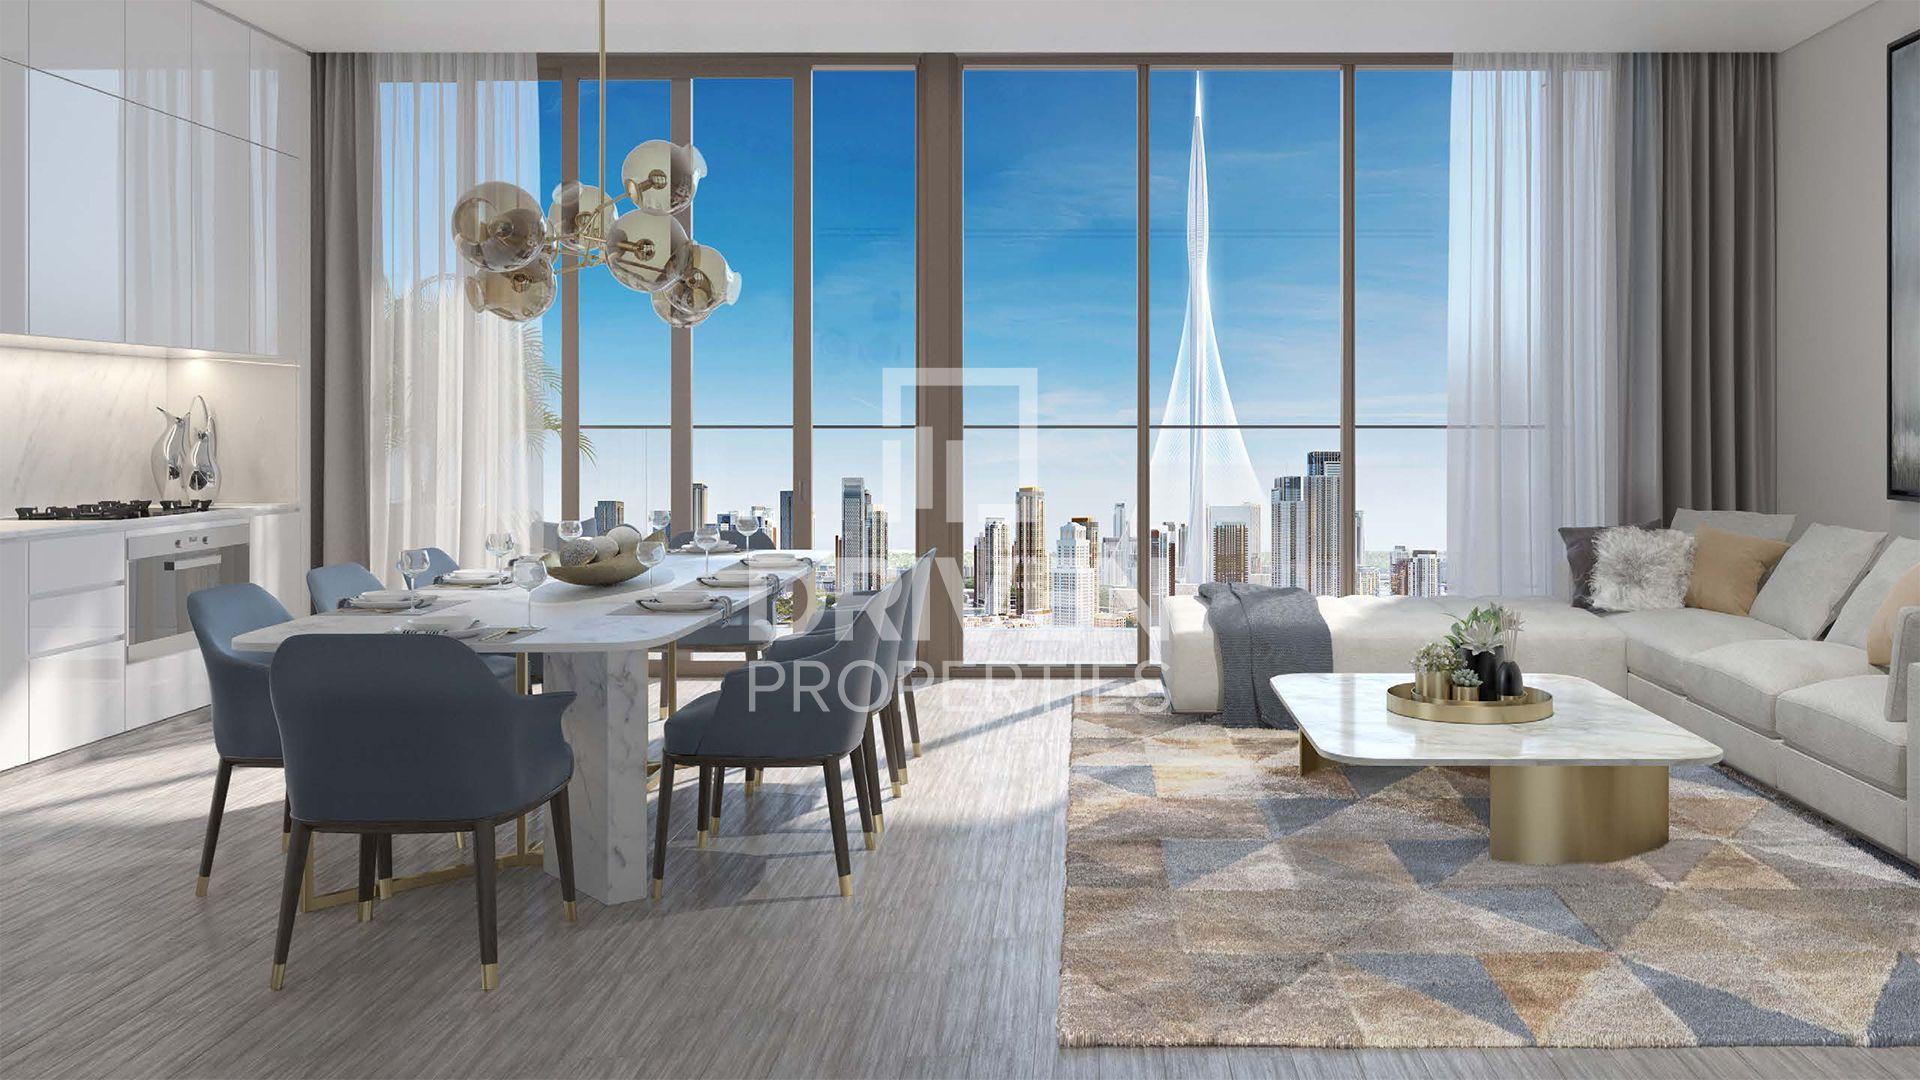 للبيع - شقة - بالاس رزيدنسز - ميناء خور دبي